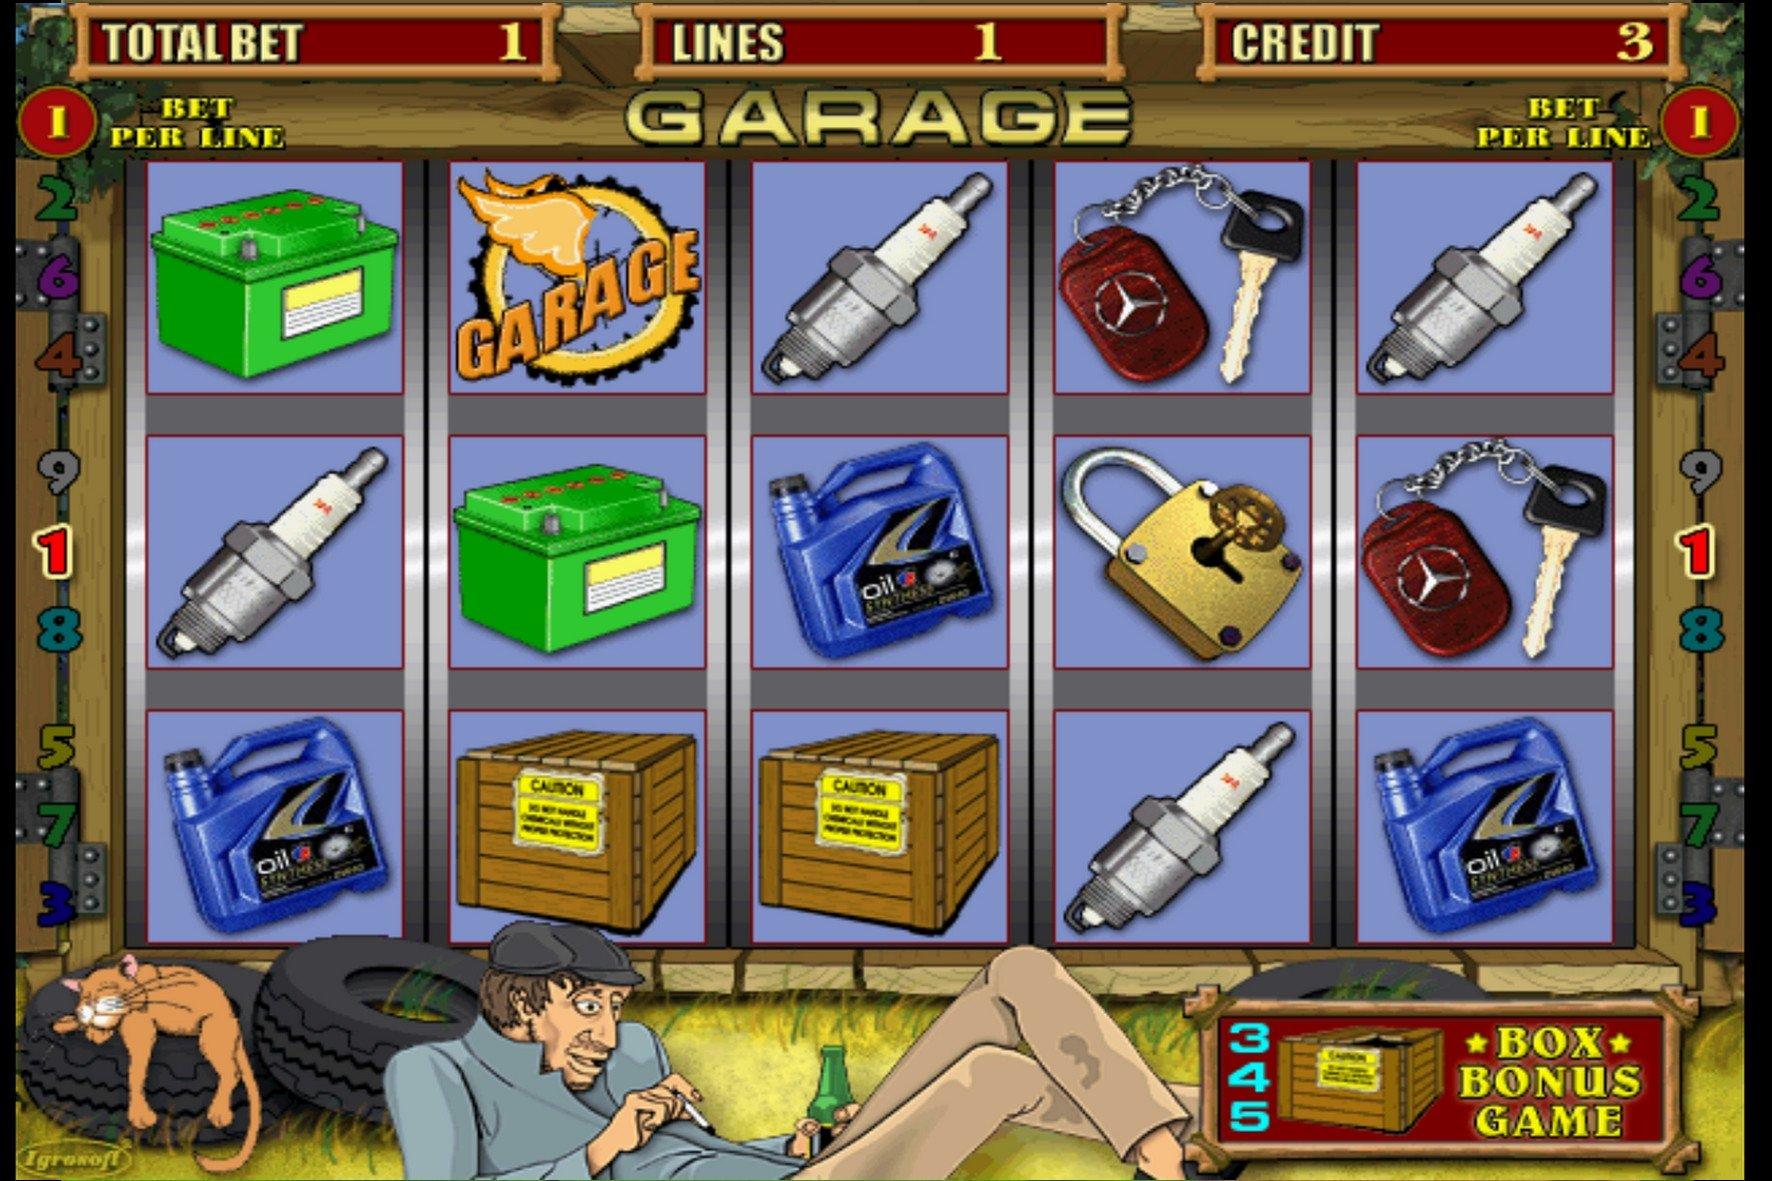 Jocuri poker casino